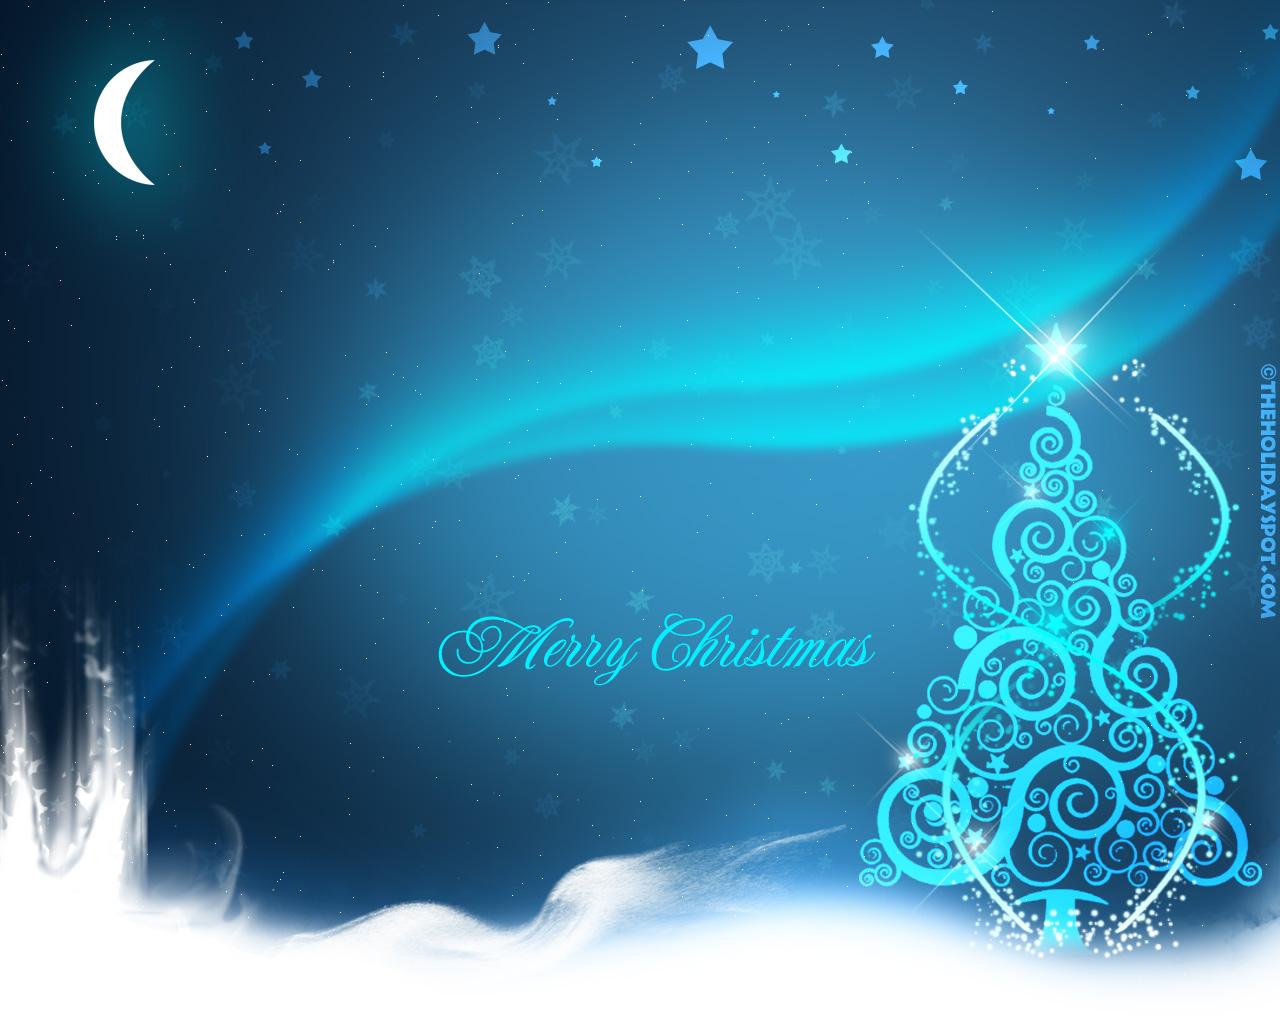 1280x1024 Christmas Wallpapers   Christmas wallpaper 1280x1024